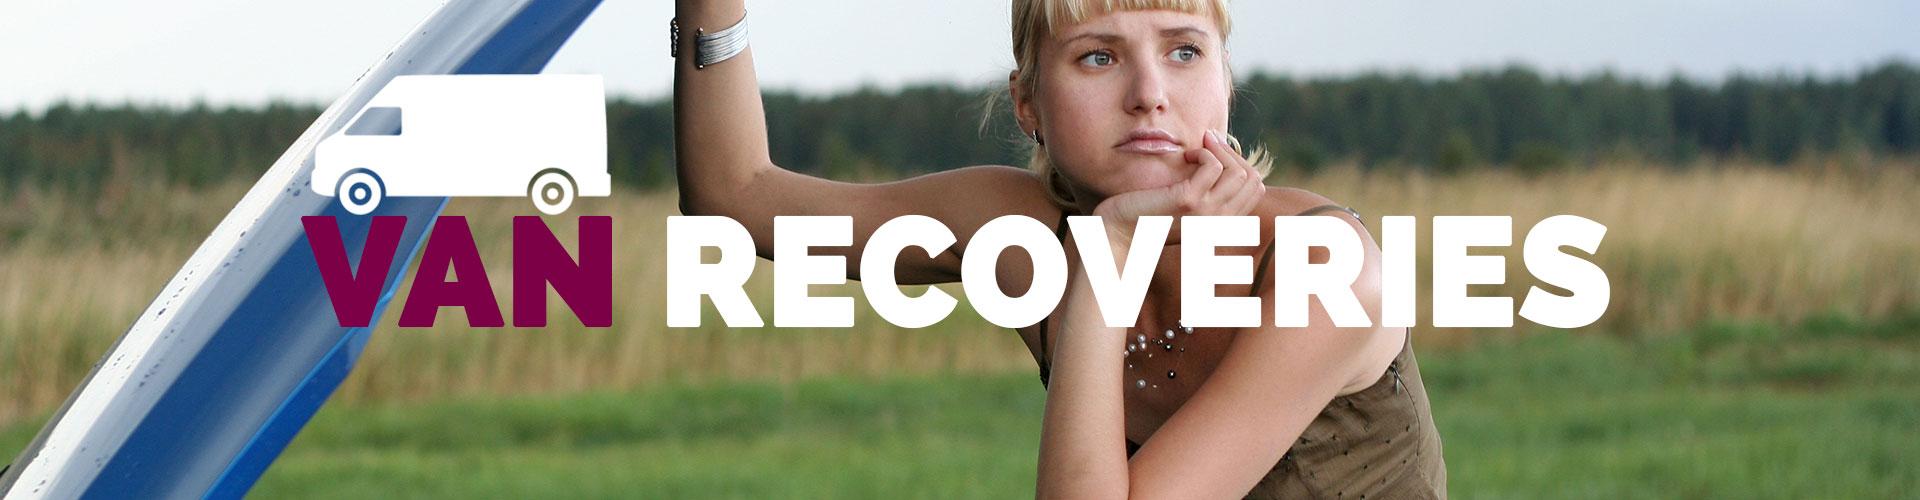 Van-Recovery-Company-Hull